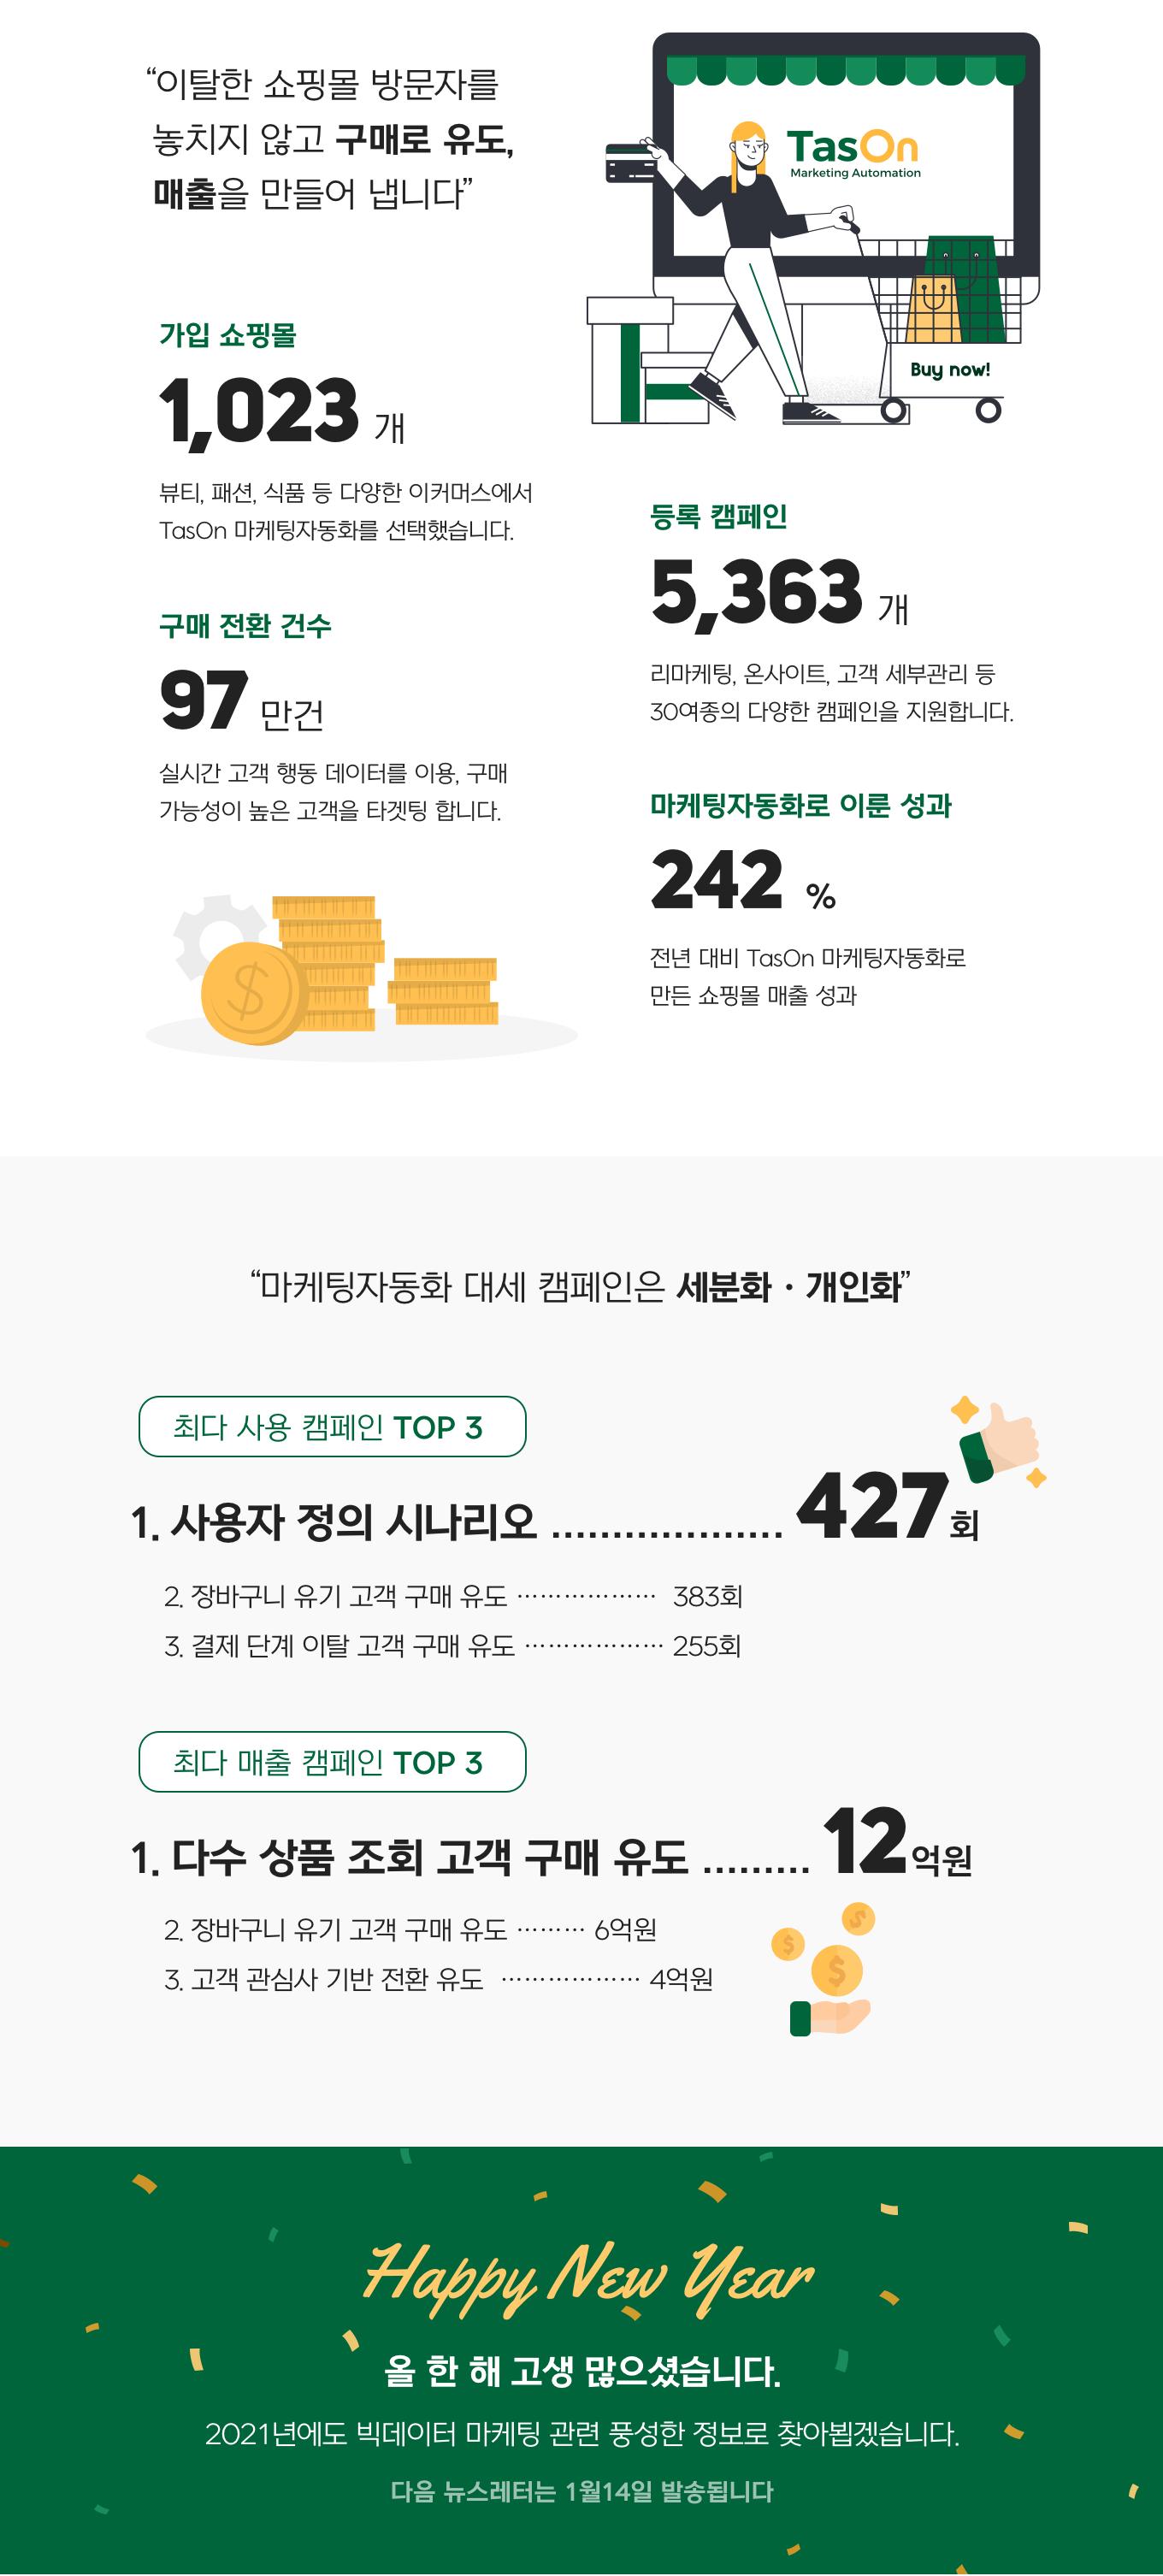 숫자로 보는 타스온 마케팅자동화 2020 성과